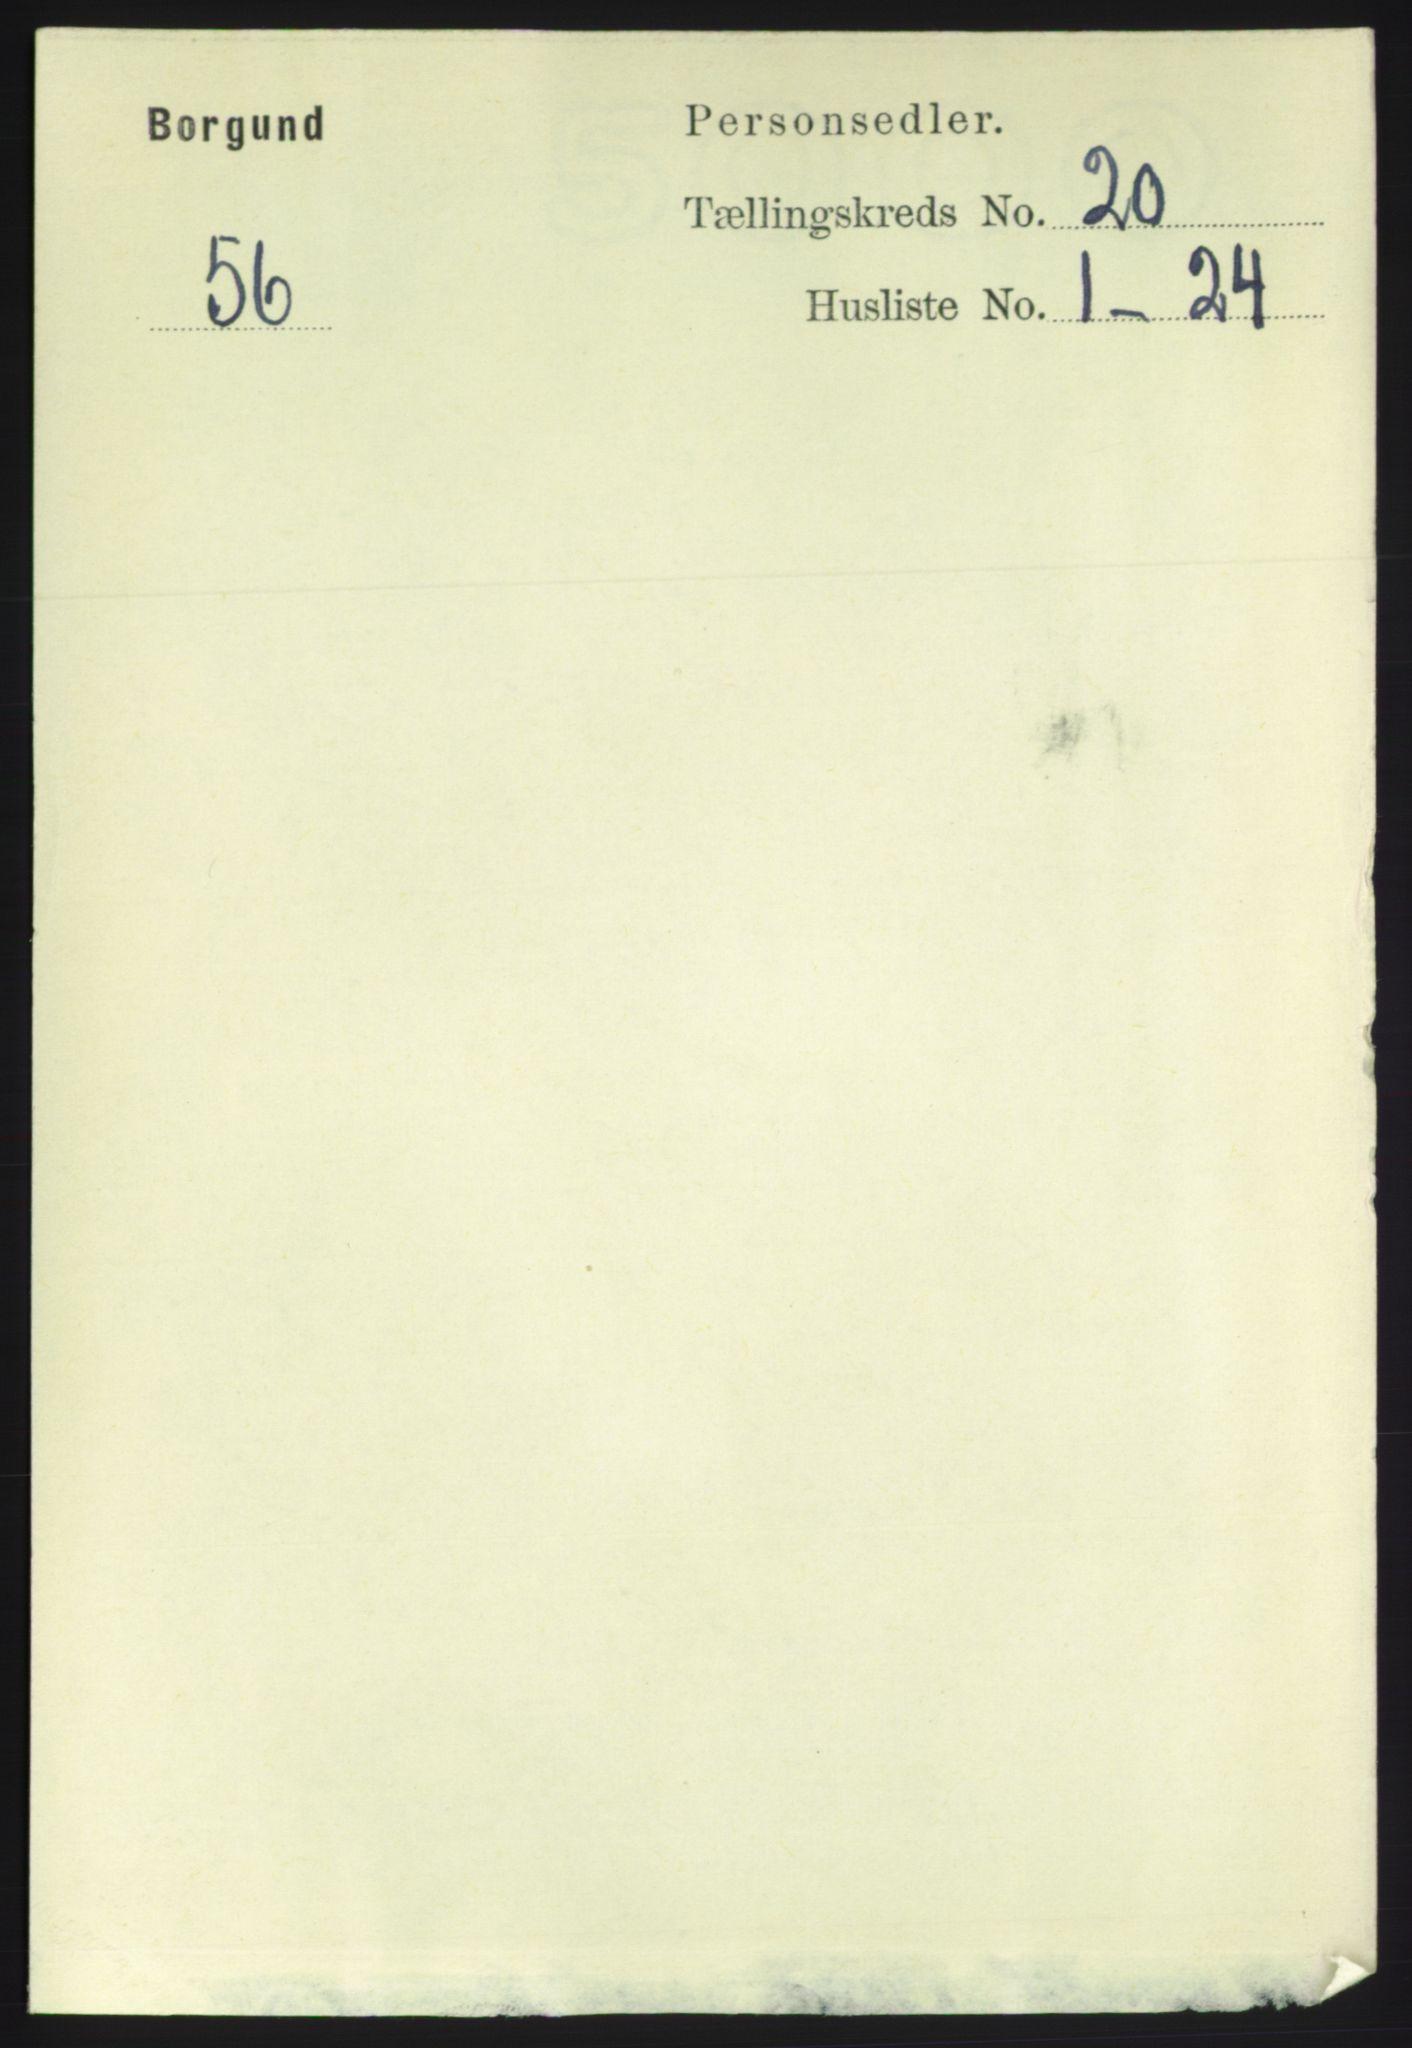 RA, Folketelling 1891 for 1531 Borgund herred, 1891, s. 6109